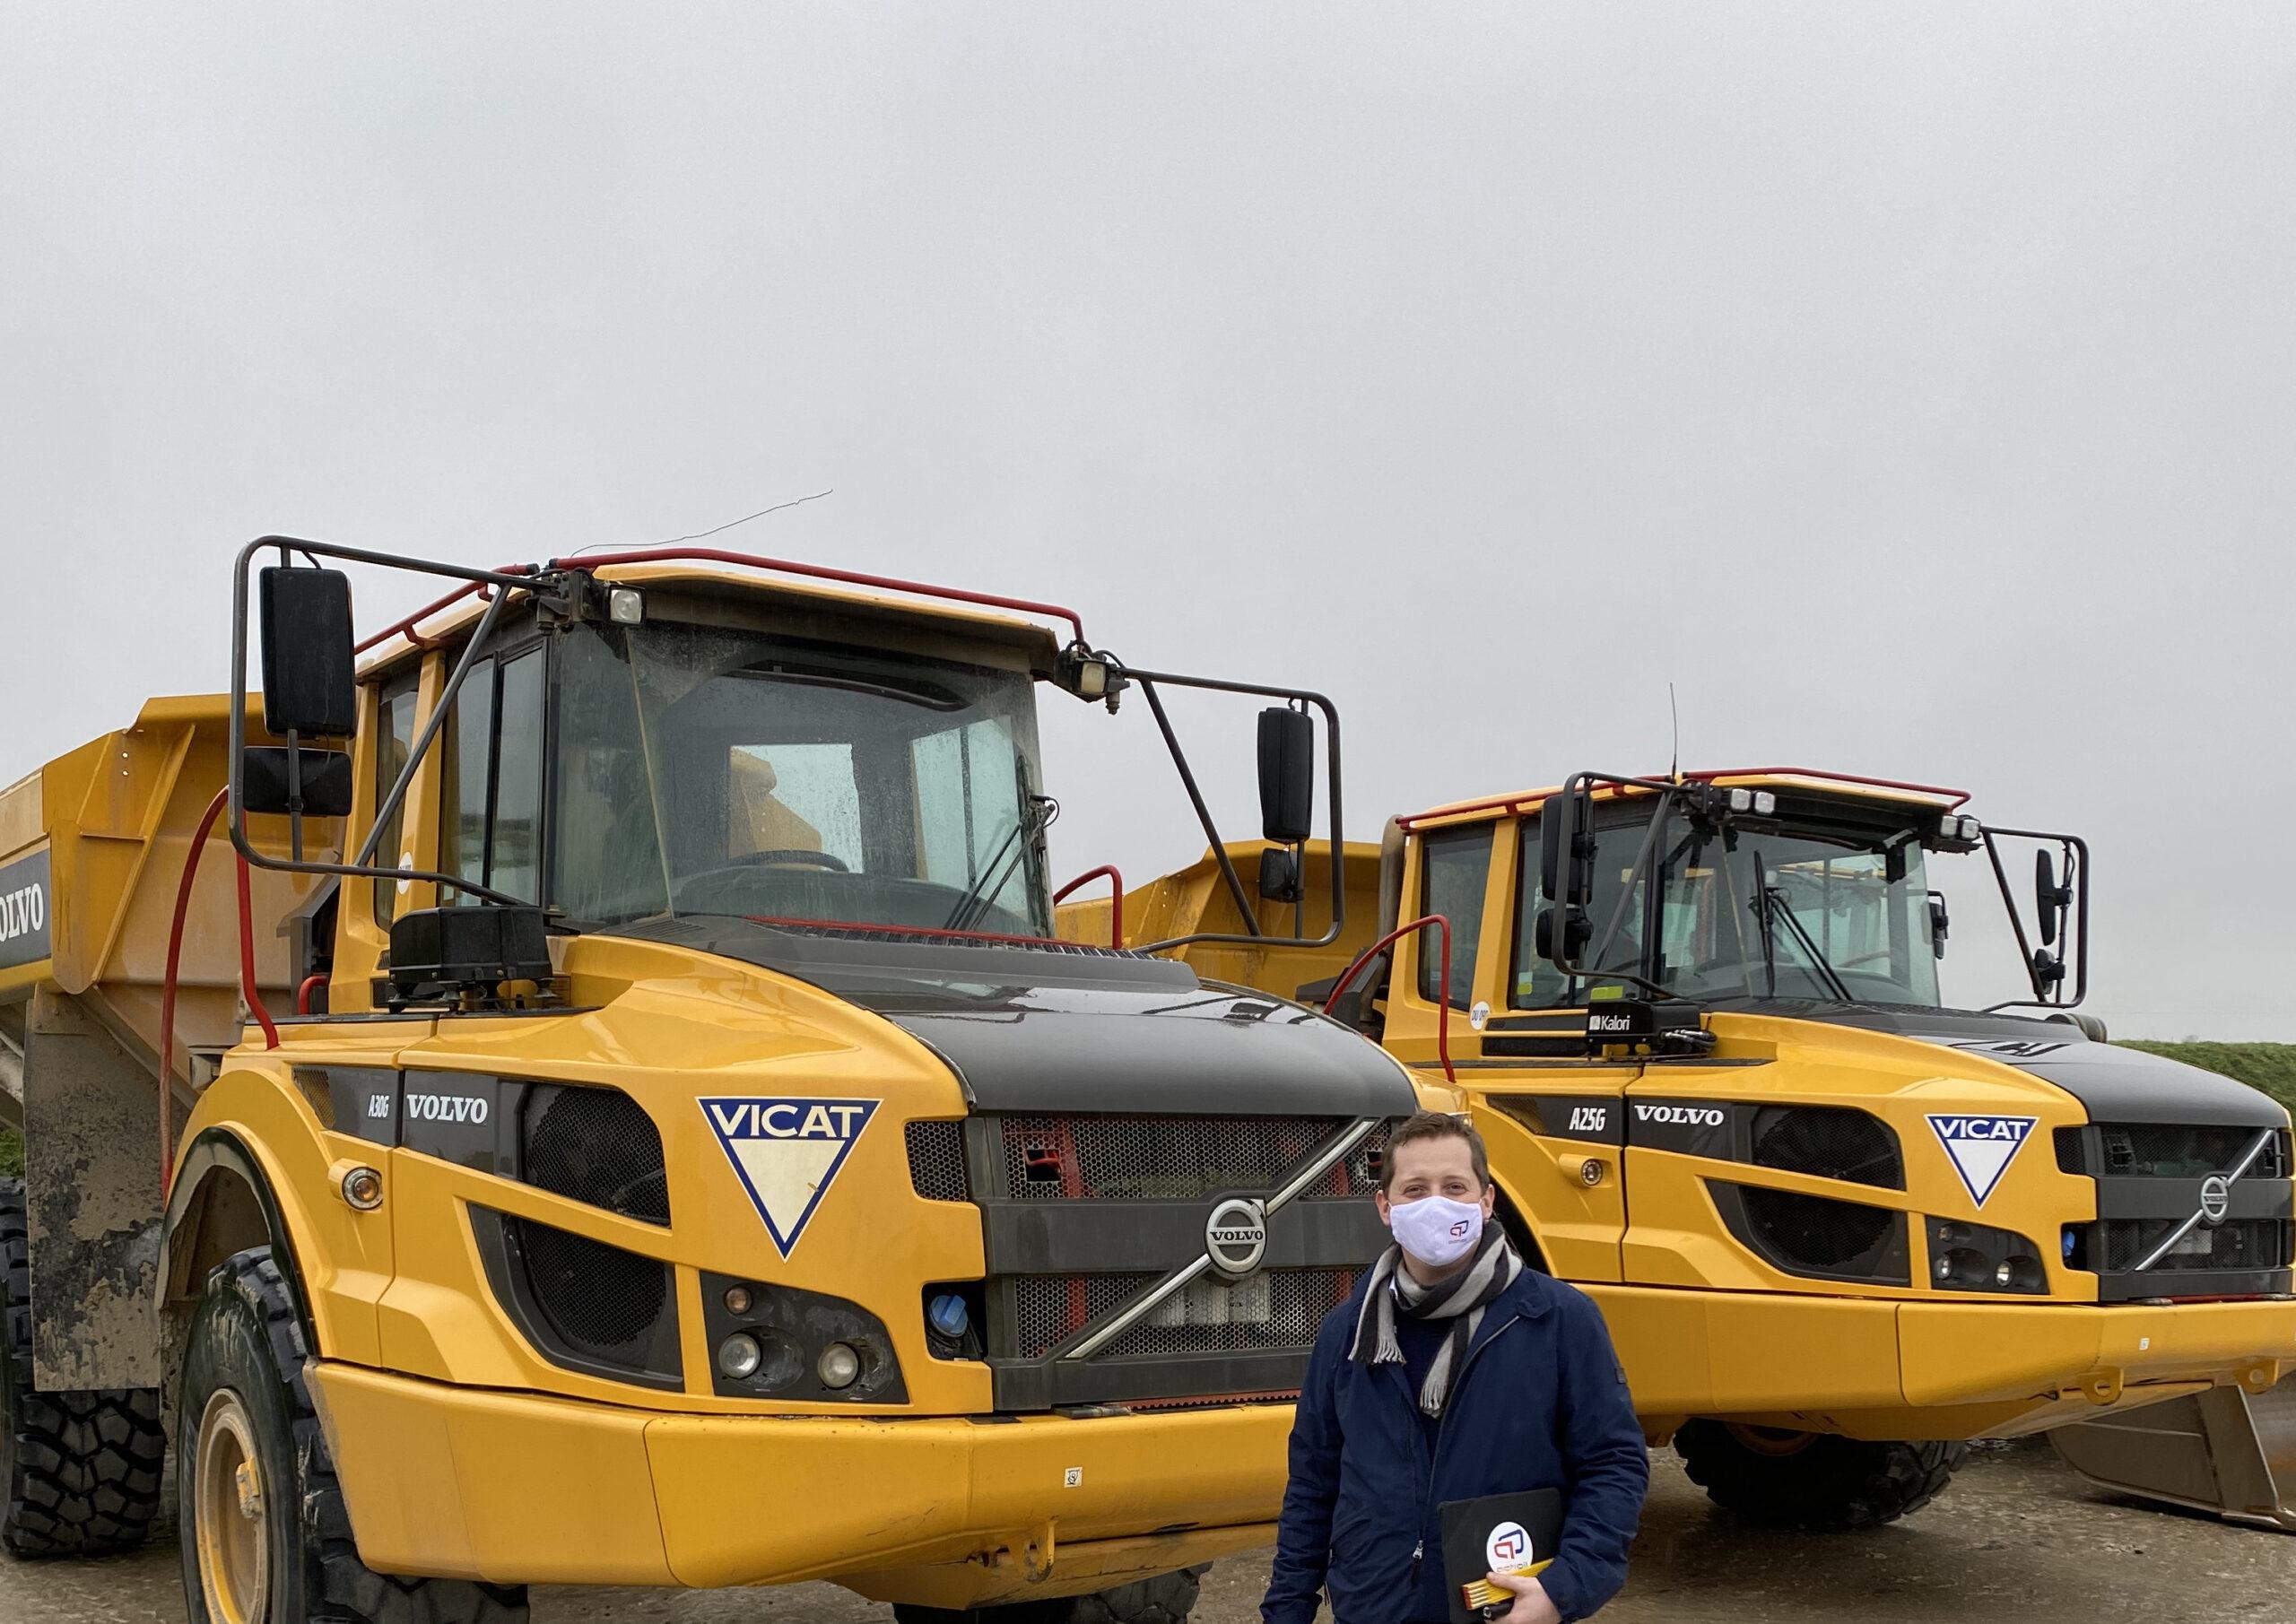 Technicien Actioil. Personne debout en face de deux camions Volvo jaune de VICAT Cement